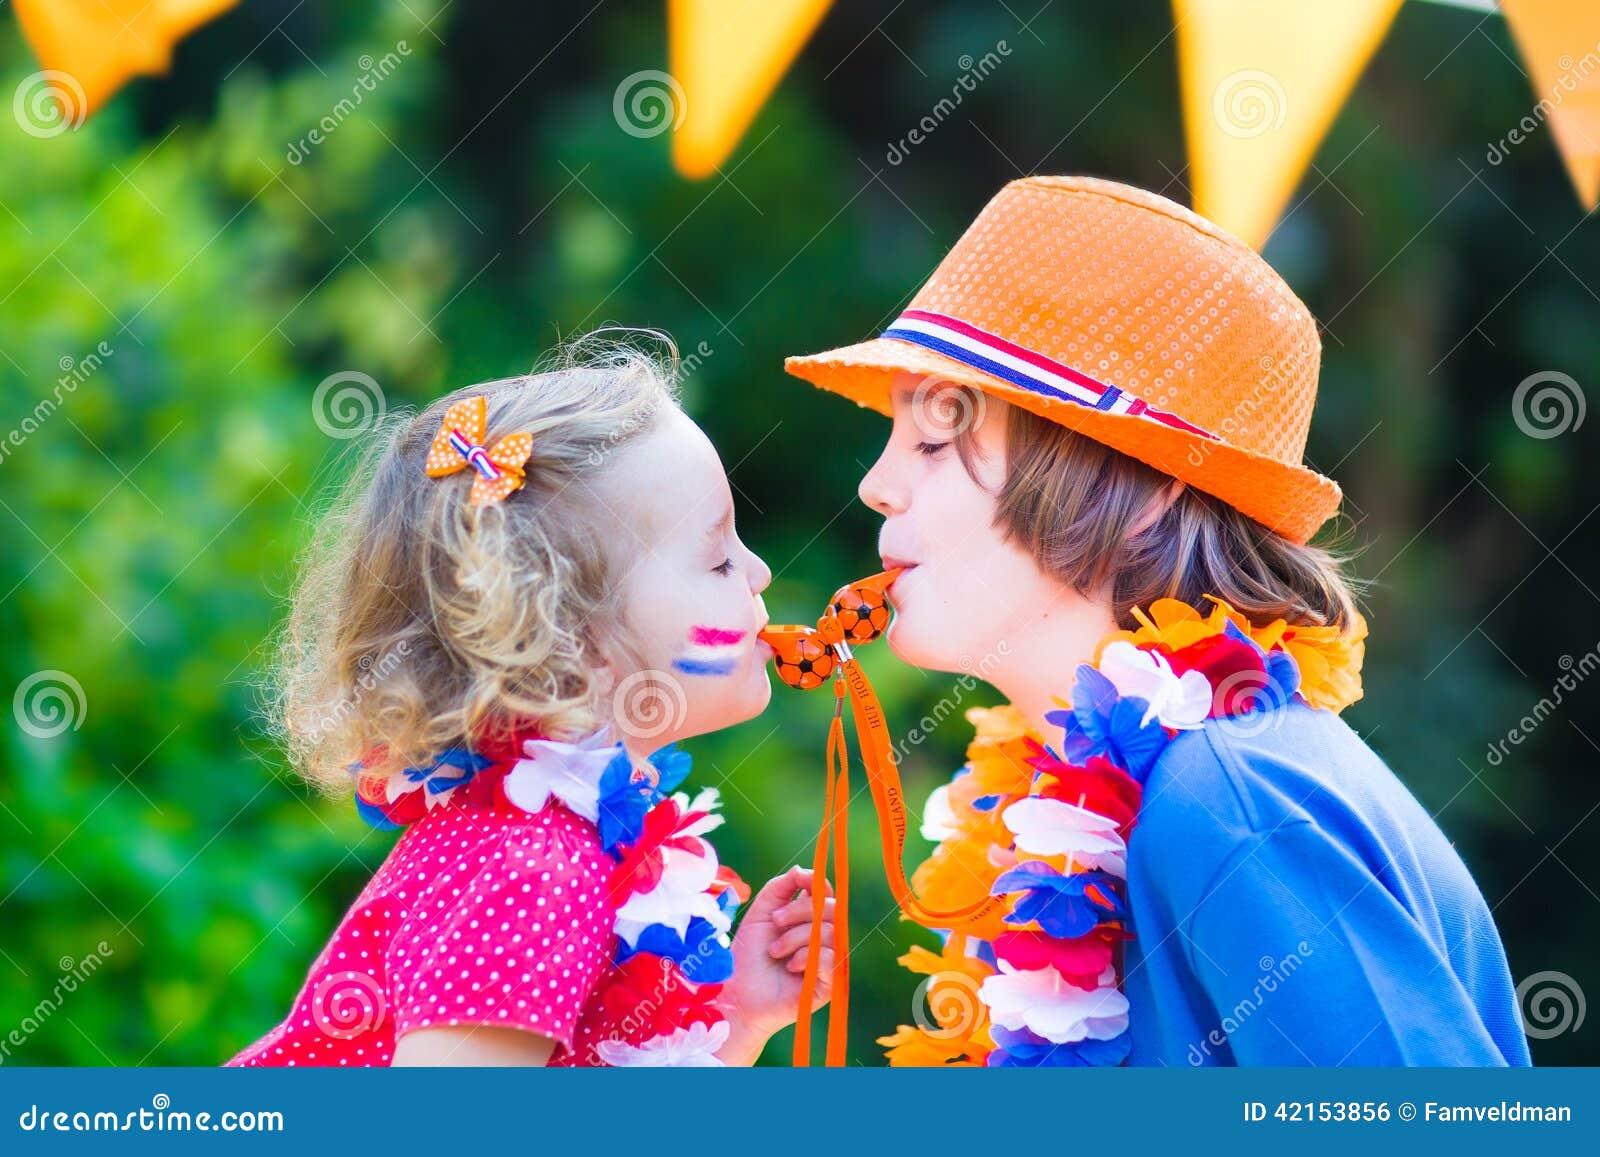 Фото детей из голландии